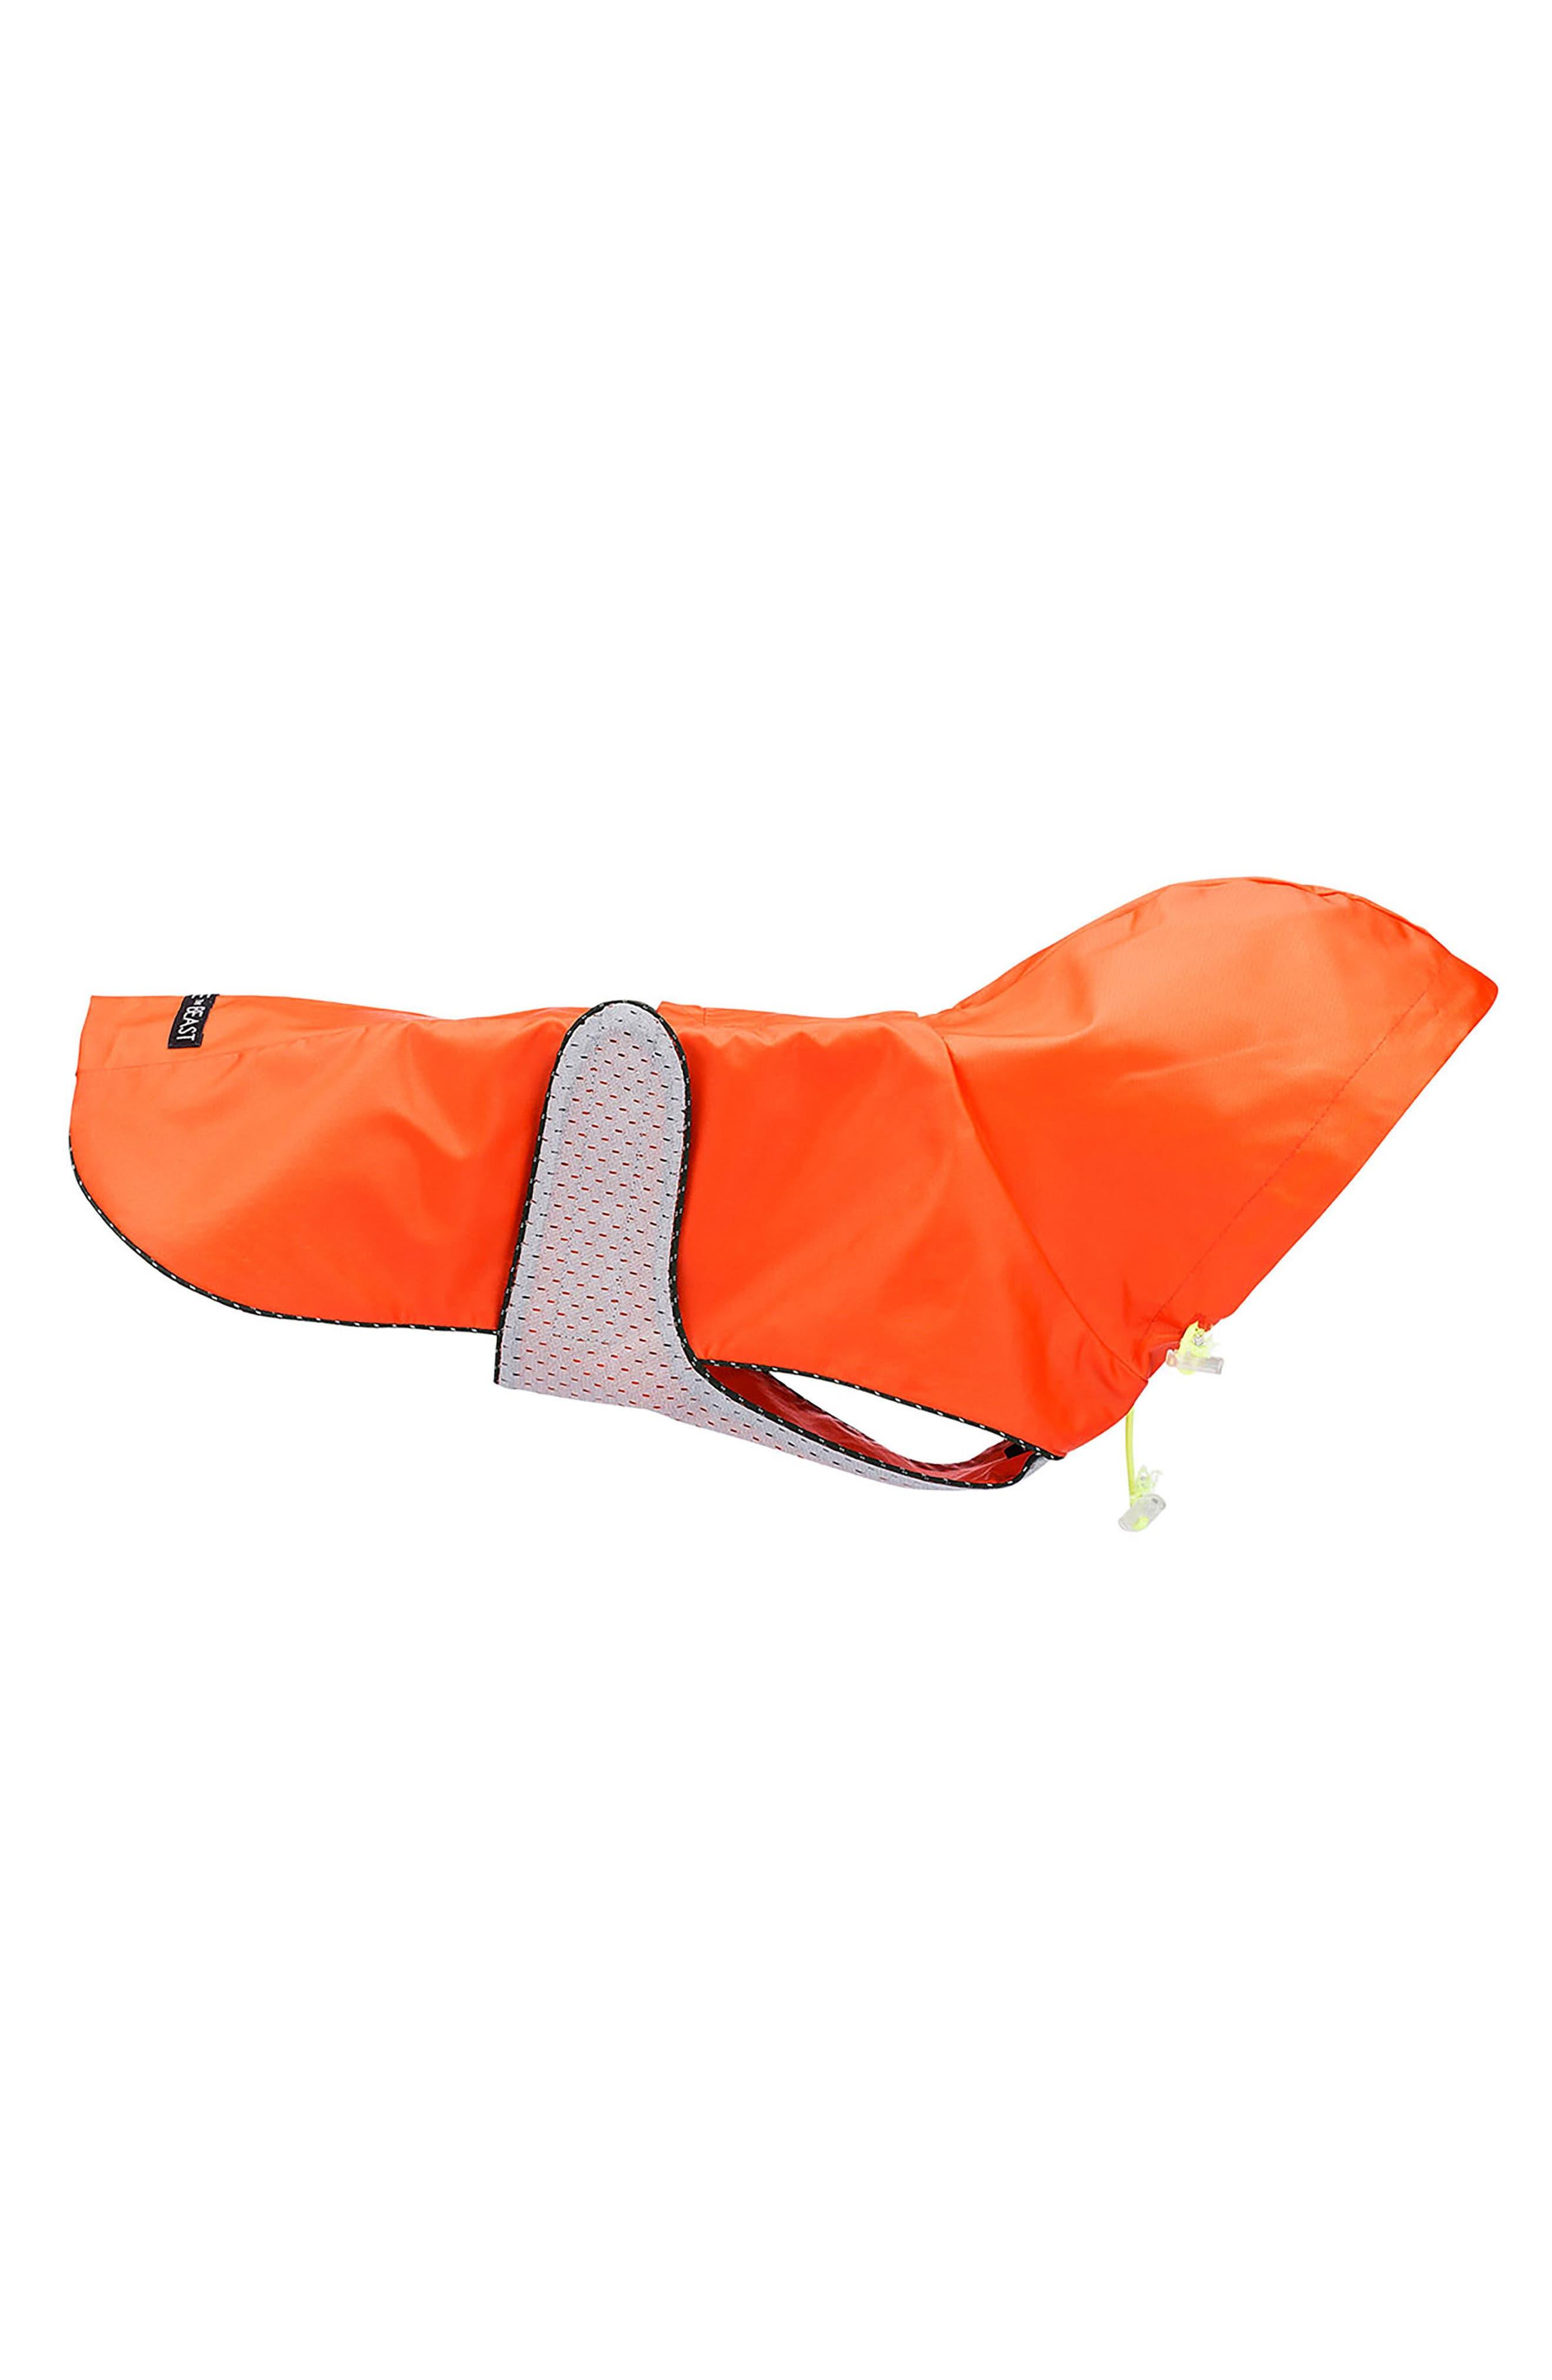 Dog Rain Jacket with Mesh Lining,                         Main,                         color, Orange